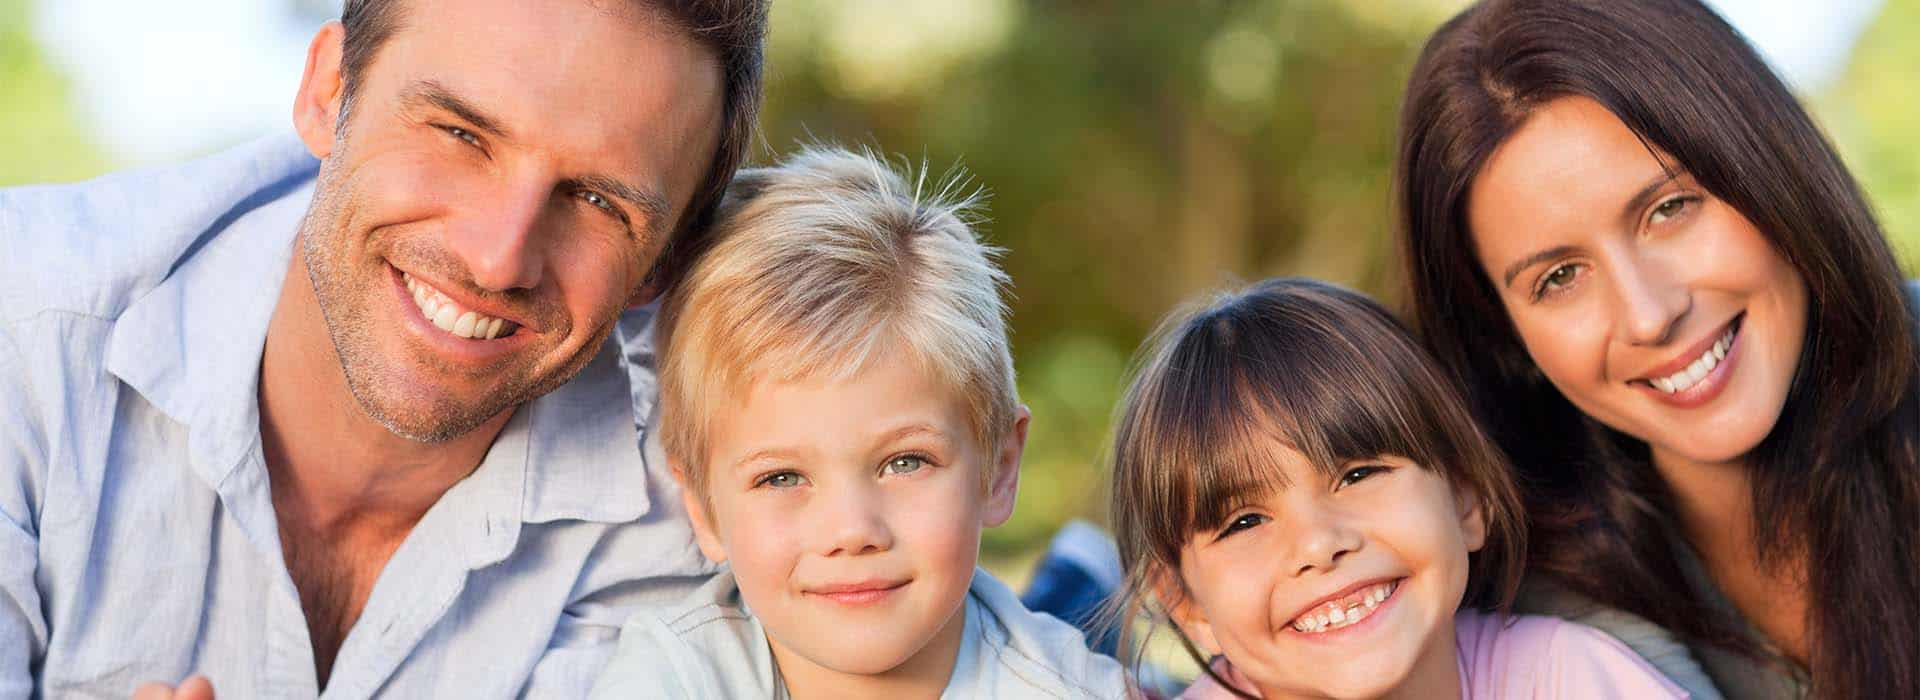 Dental Services at Aduddell Dentistry